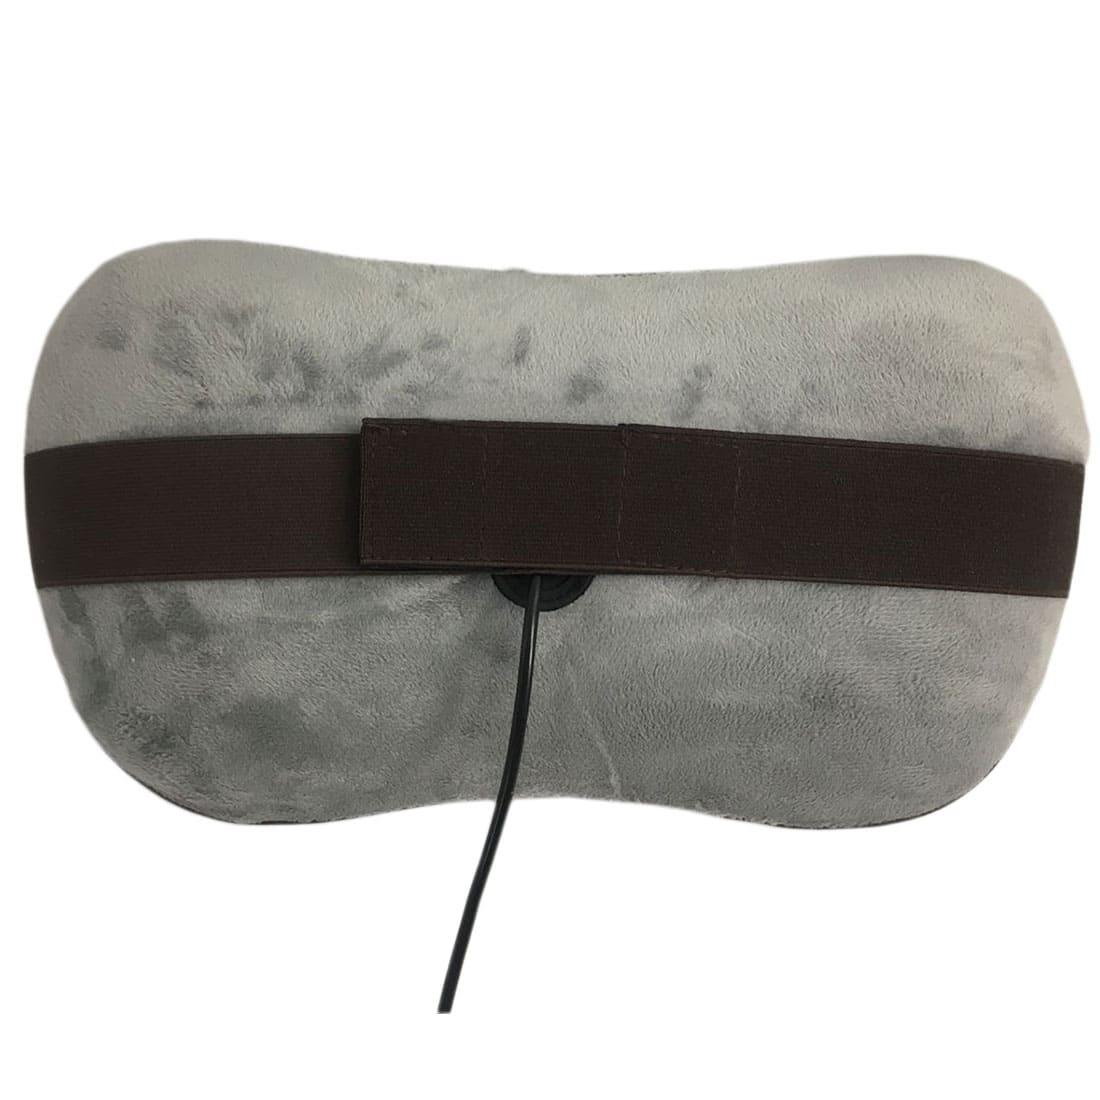 uShiatsu Grey массажная подушка для шеи